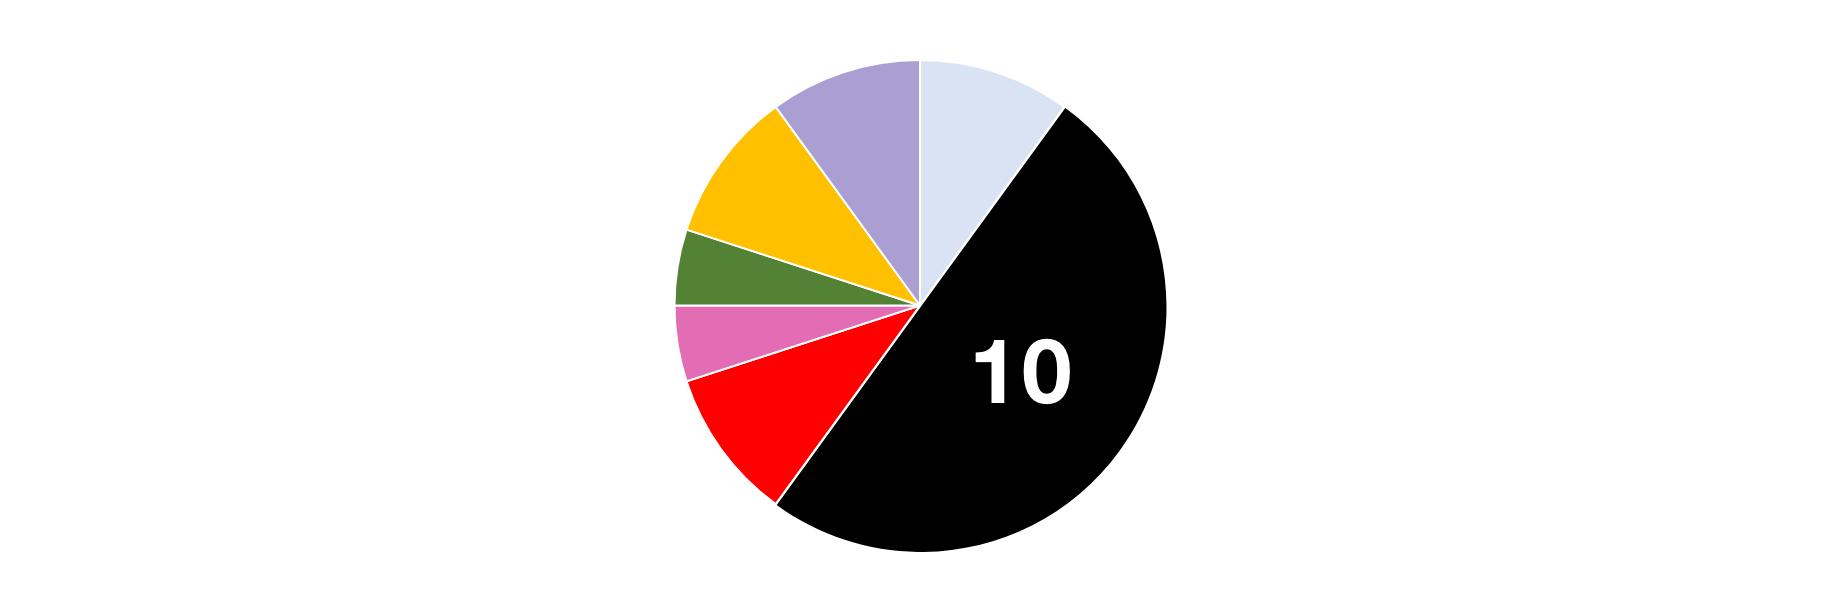 button colour survey statistics